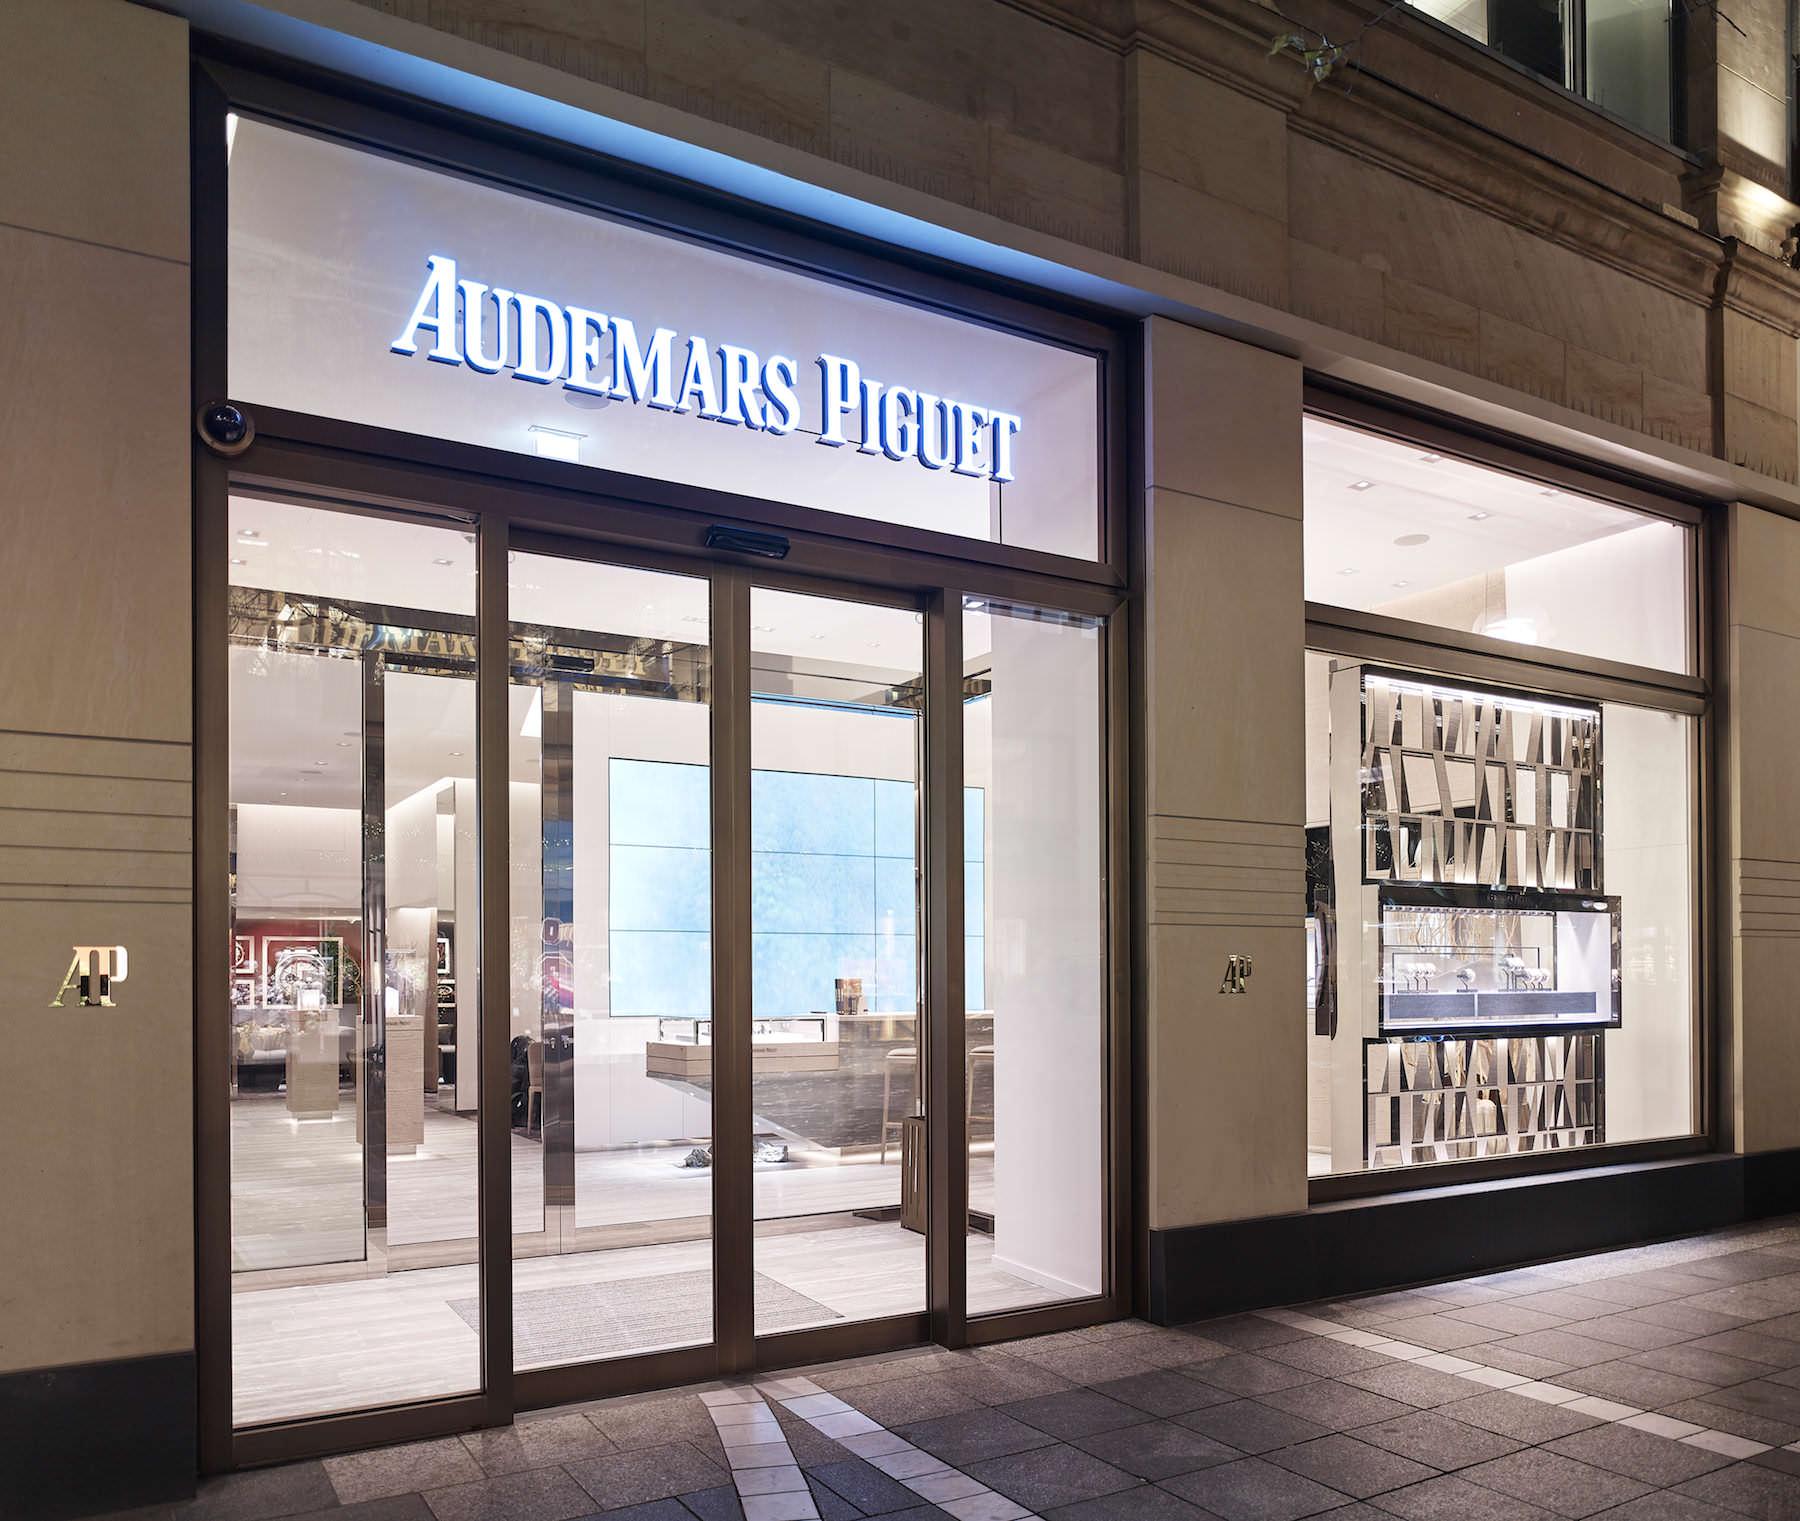 Die Audemars Piguet Boutique in Frankfurt am Main